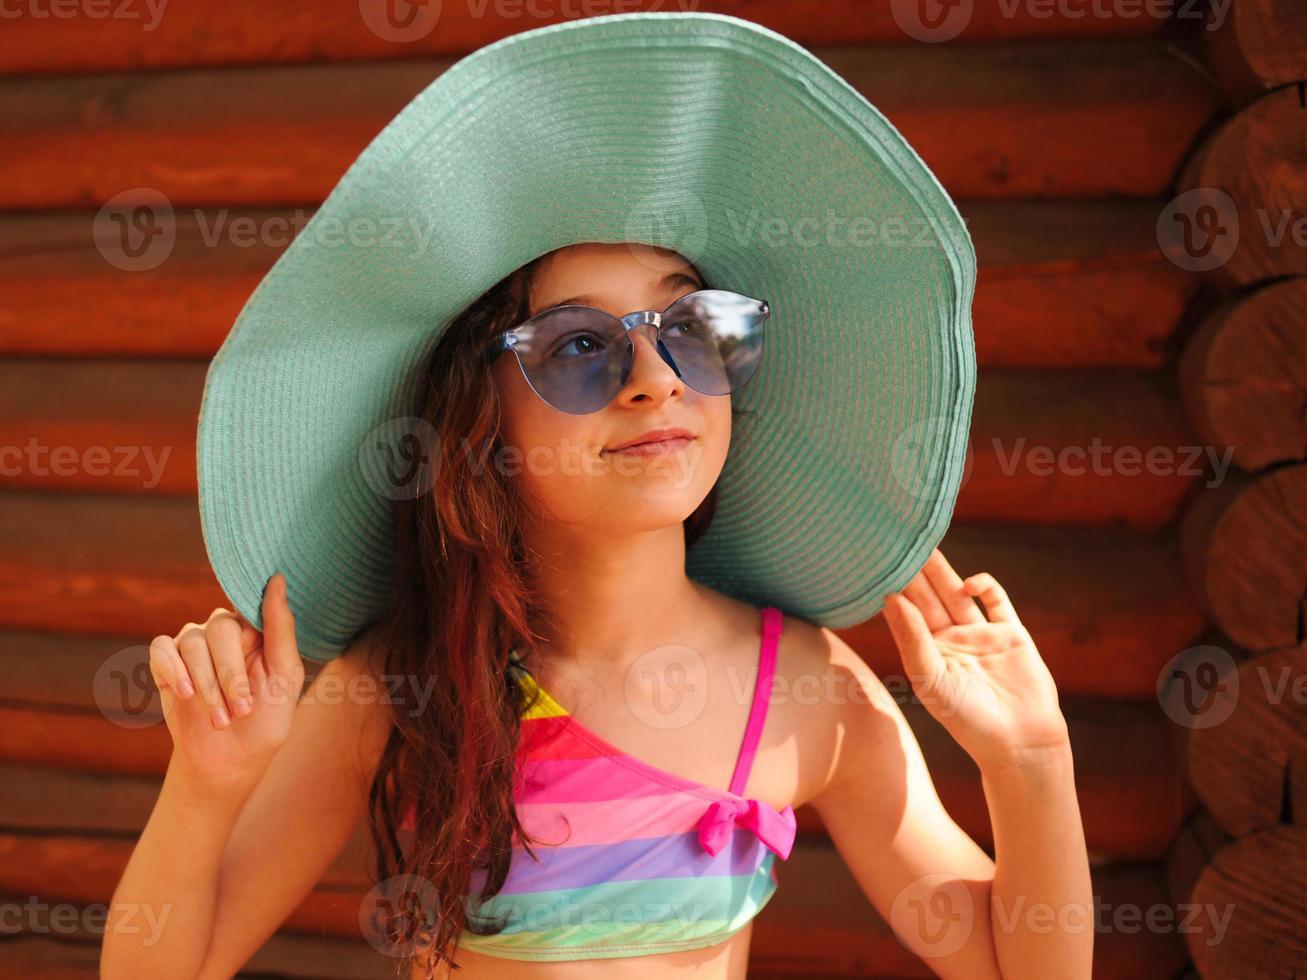 ragazza con cappello e occhiali in estate. ritratto di una bella ragazza. foto